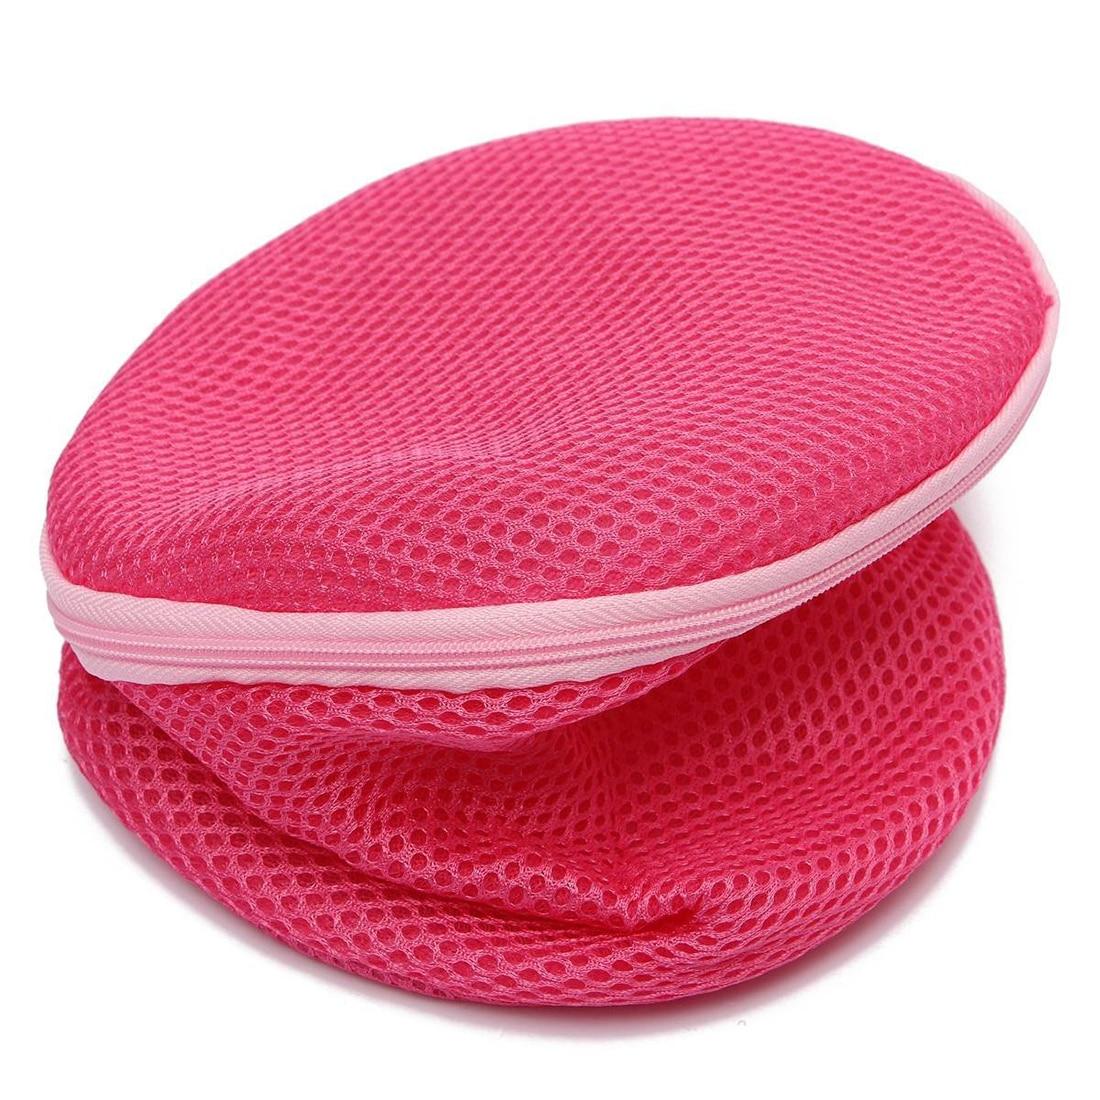 Practical Thickening Bra Wash Net Underwear Net Wash Laundry Rose